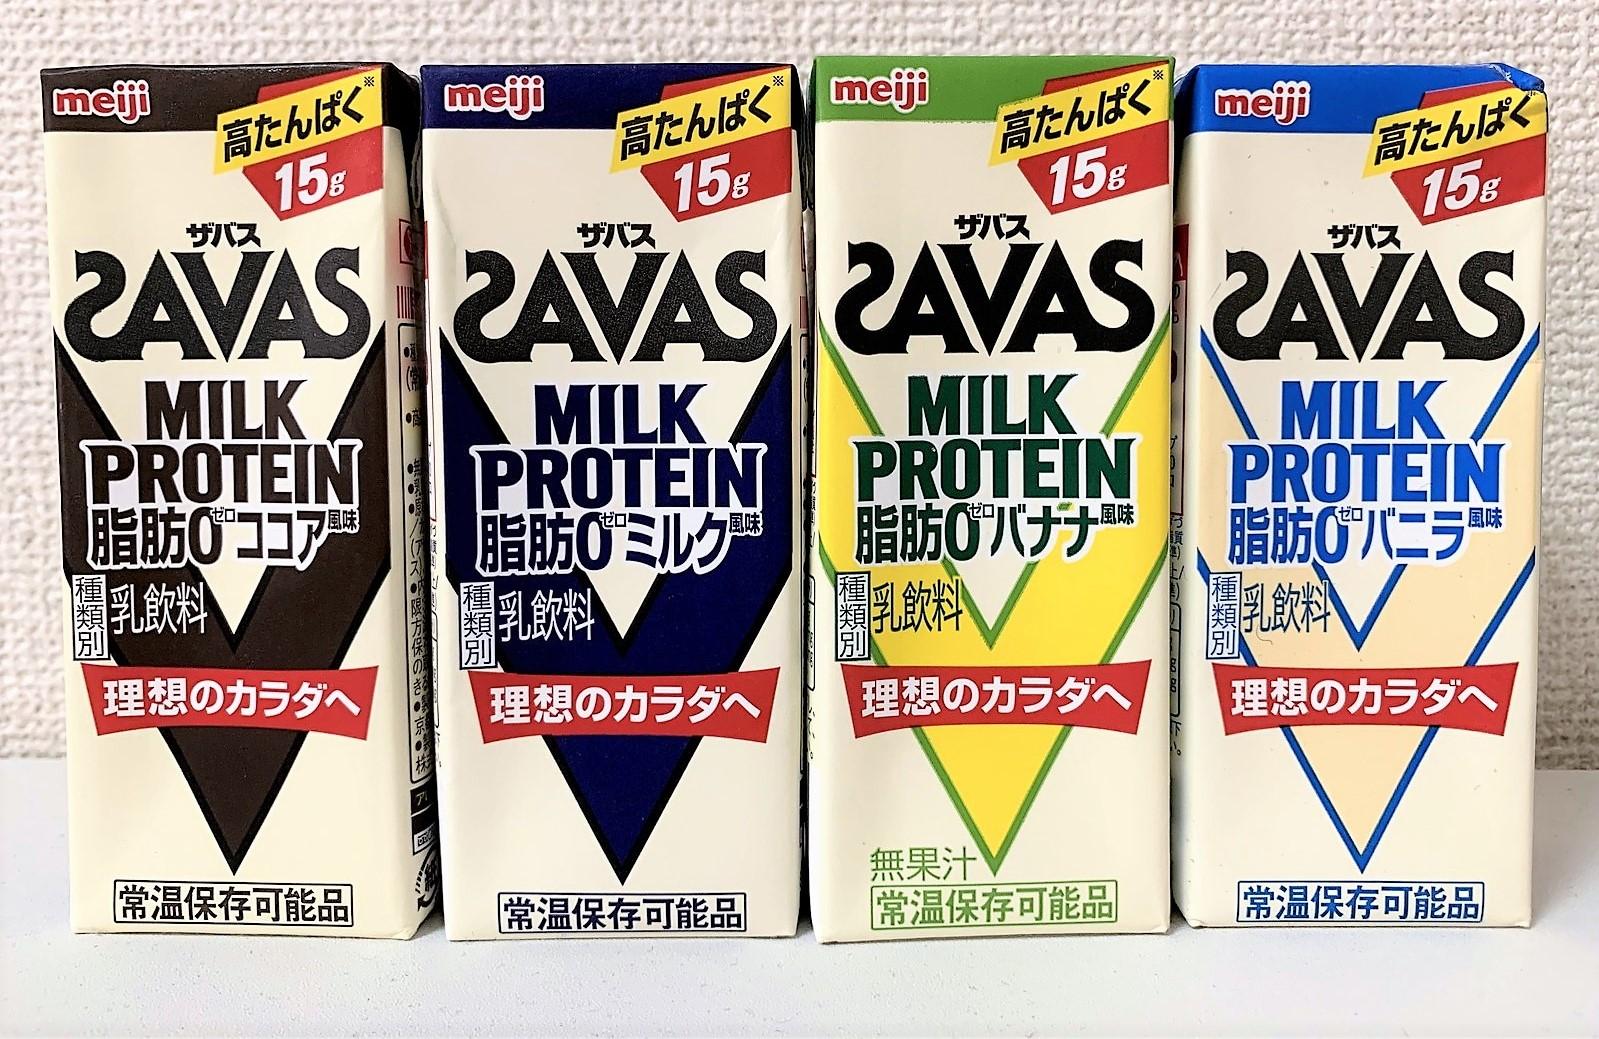 コンビニで買える高たんぱく質ドリンク。明治「ザバス ミルクプロテイン」|編集部のヘルシー食レポ